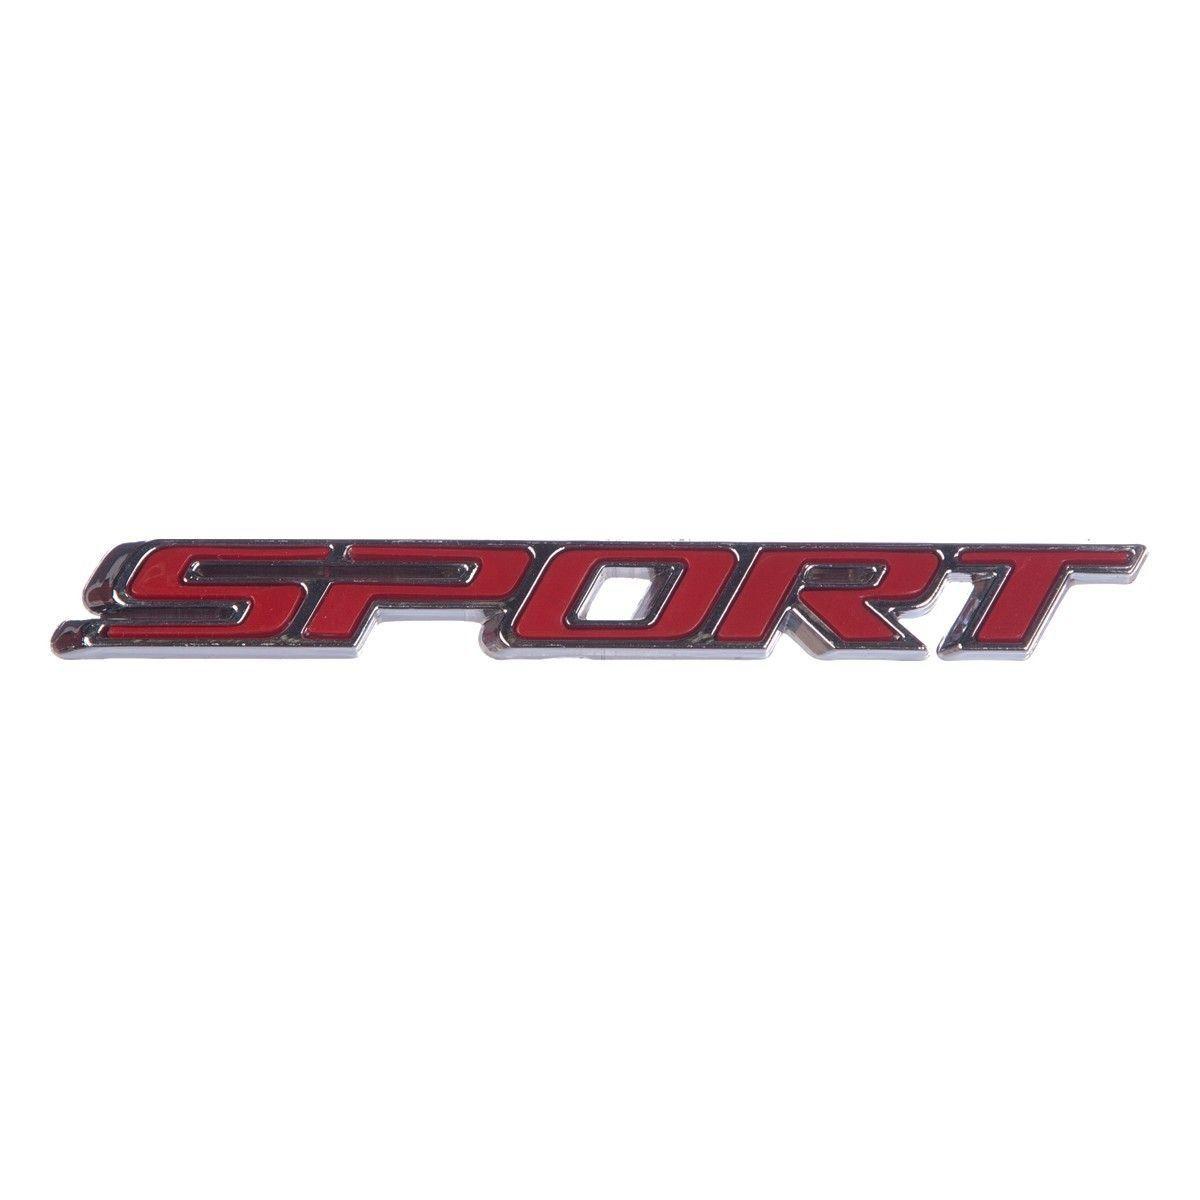 Emblema *sport* da porta dianteira- Montana nova 2013 a 2018